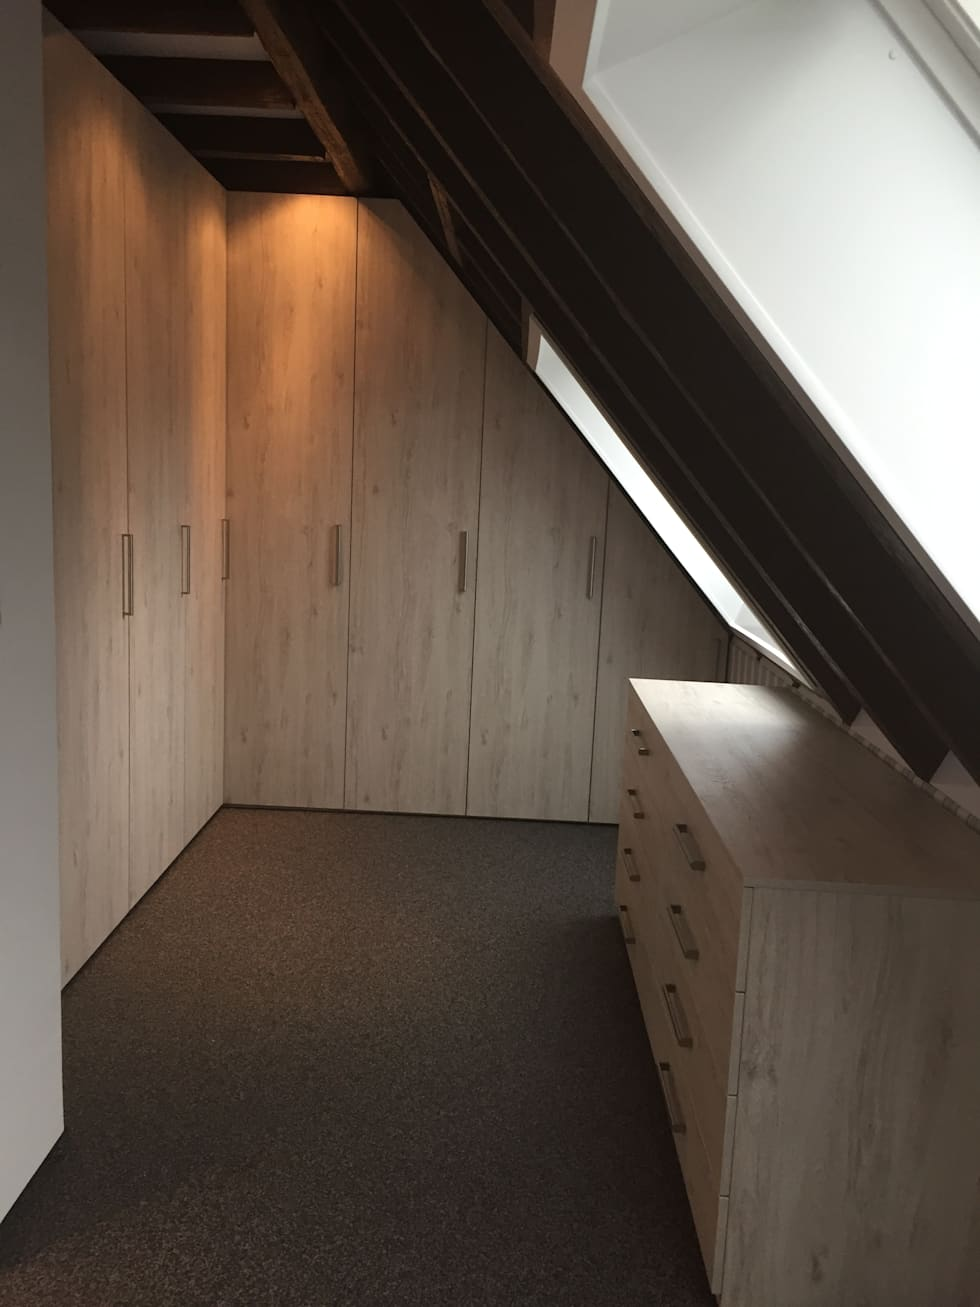 Außergewöhnlich Ankleidezimmer Dachschräge Beste Wahl Chrank In Dachschräge Mit Drehtrüen Und Kommode: